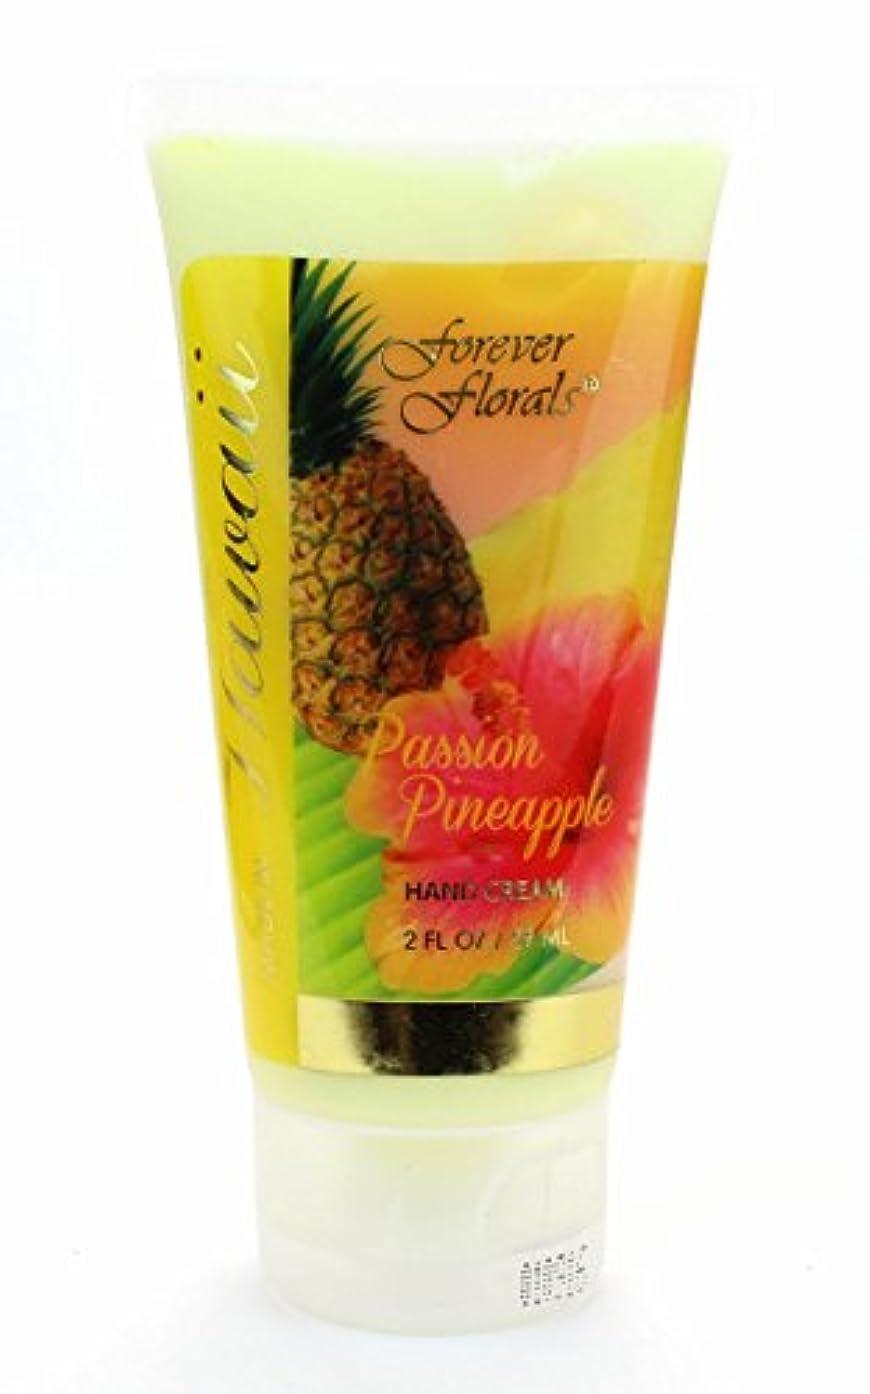 それ健康的素人ハワイアン雑貨 フォーエバーフローラルズ ハンドクリーム ハワイ お土産 (パッションパイナップル)